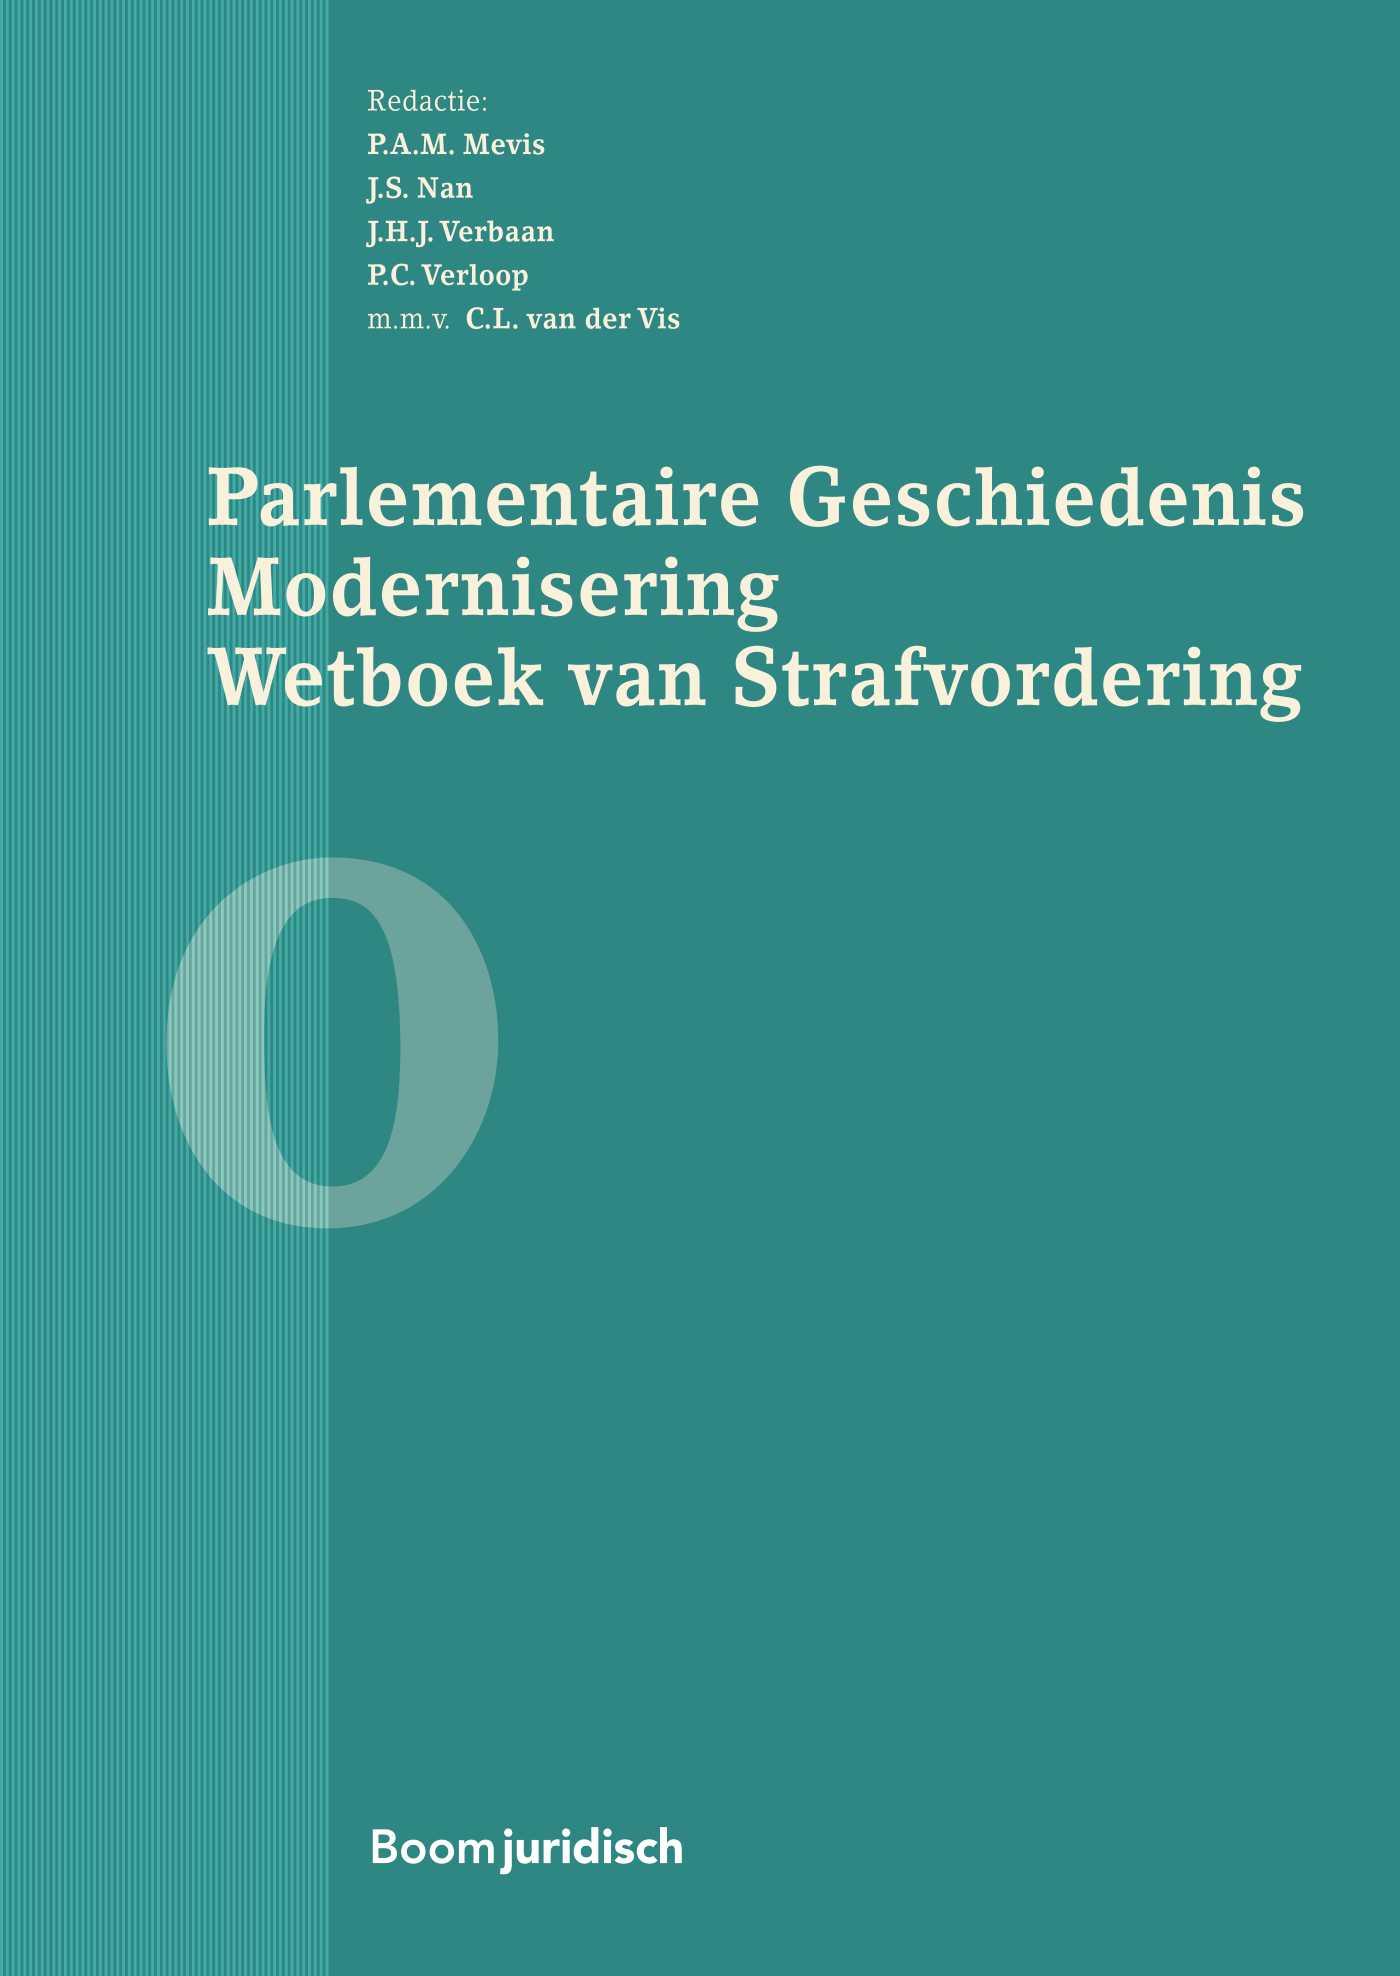 Parlementaire Geschiedenis Modernisering Wetboek van Strafvordering - deel 0